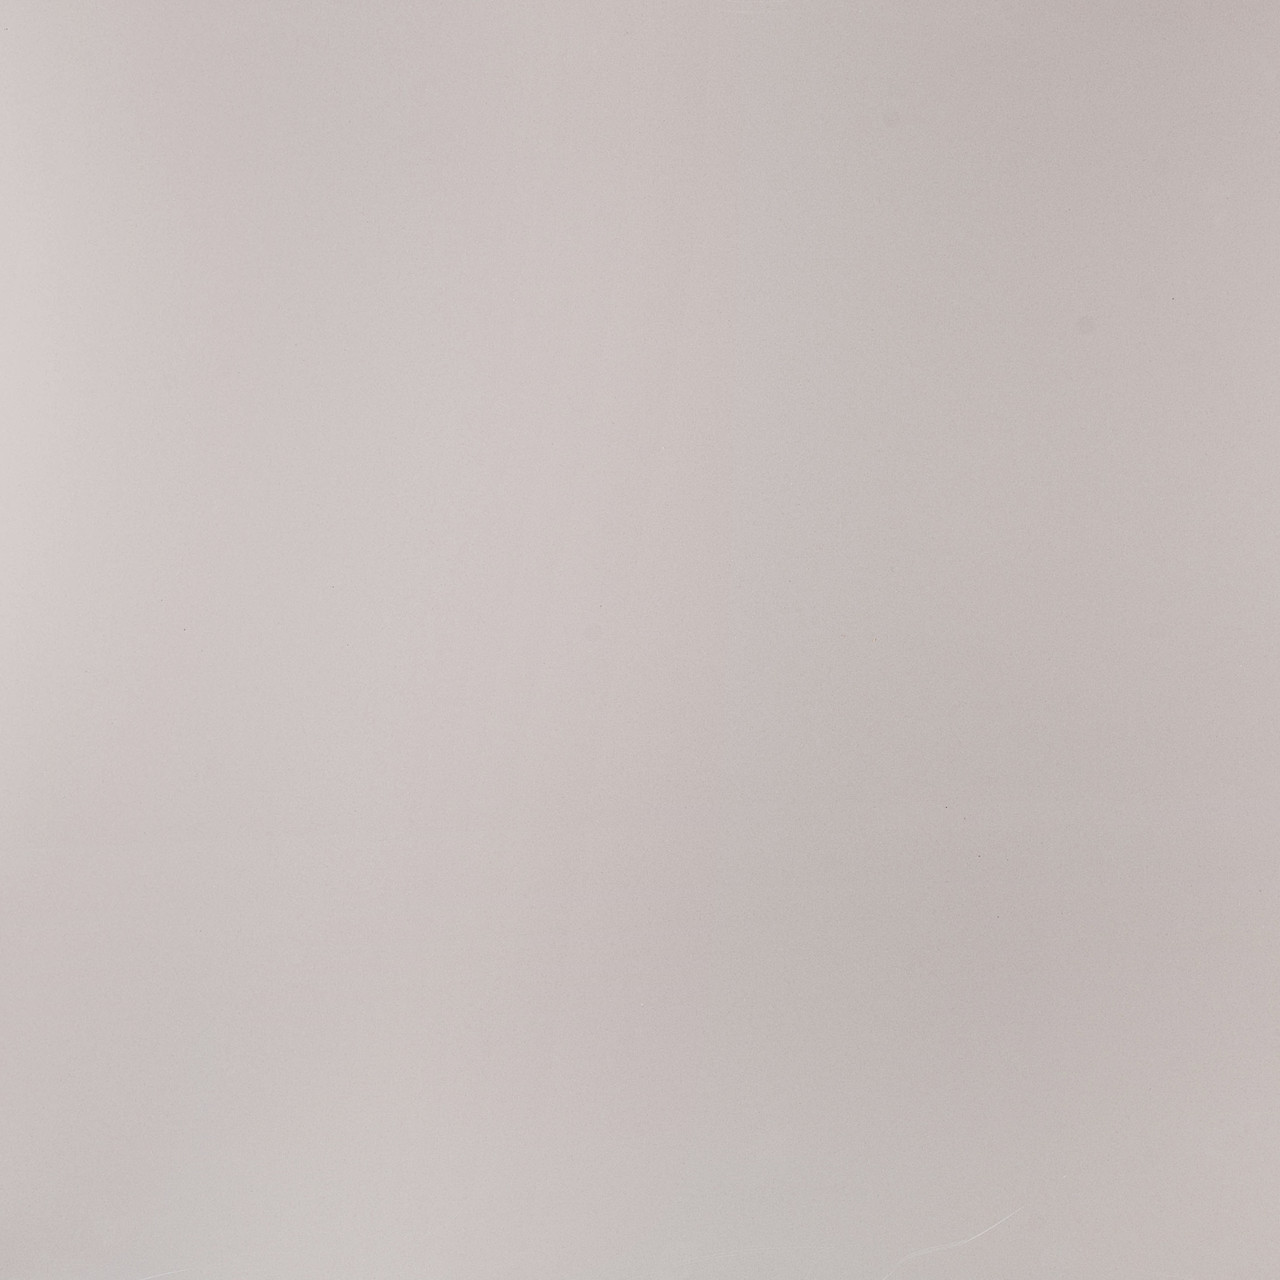 Керамогранит  полированный бежевый мрамор, 60х60